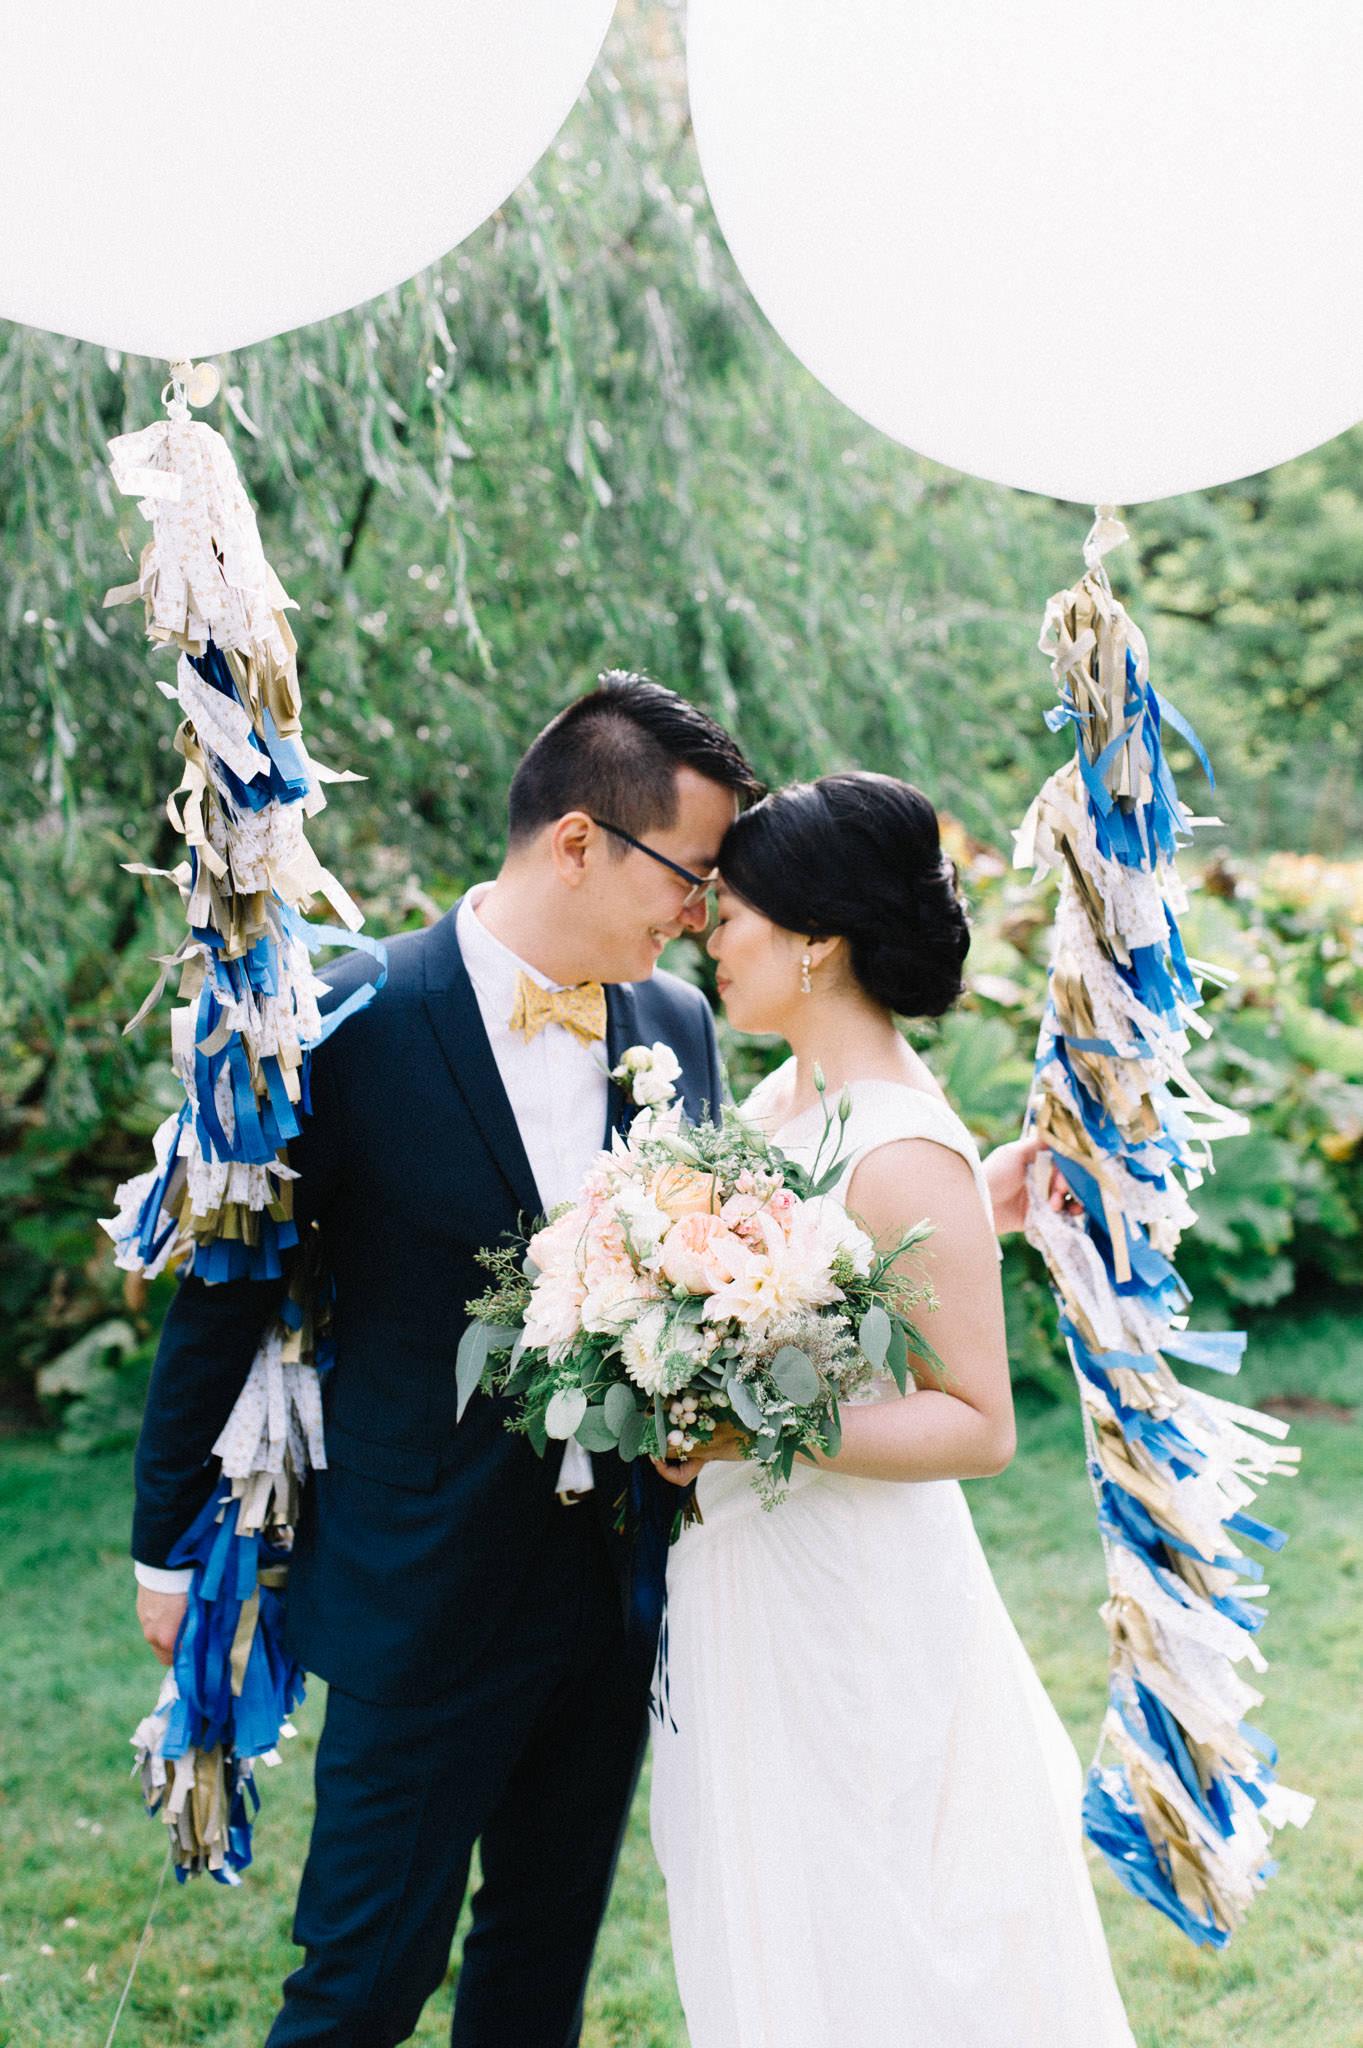 Stanley Park wedding ceremony